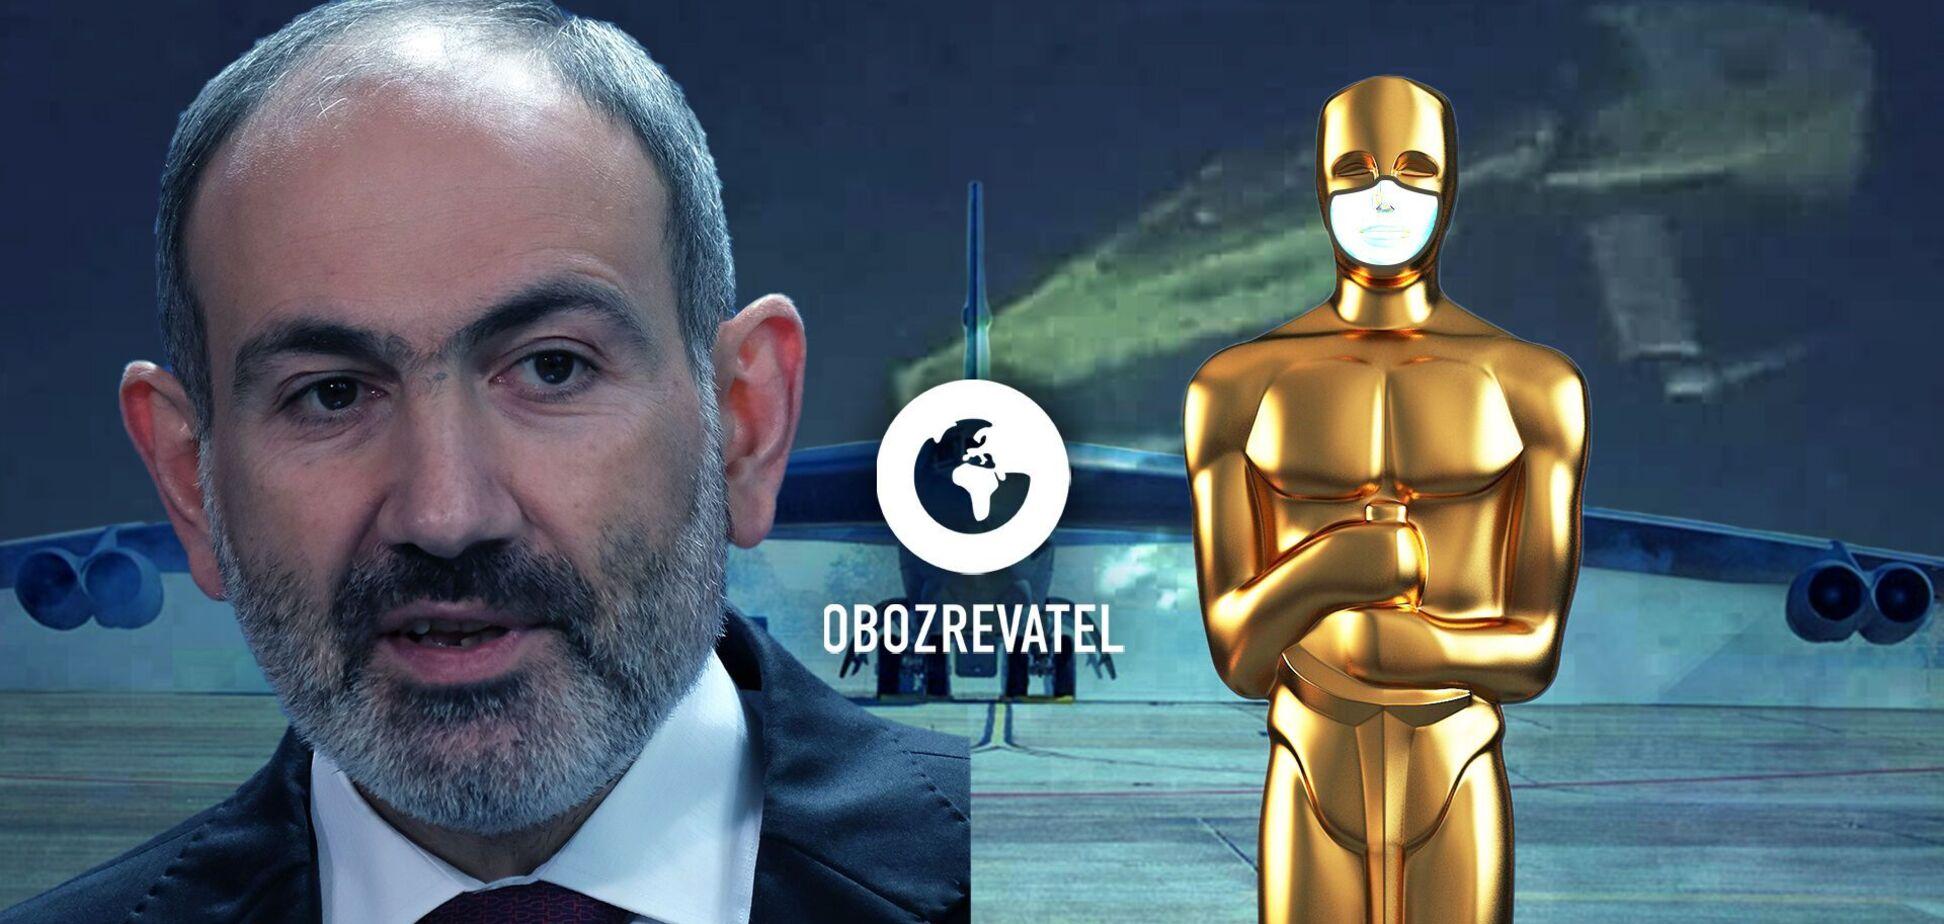 Уламки субмарини, відставка прем'єр-міністра Вірменії, бомбардувальники США та вручення 'Оскарів' – дайджест міжнародних подій